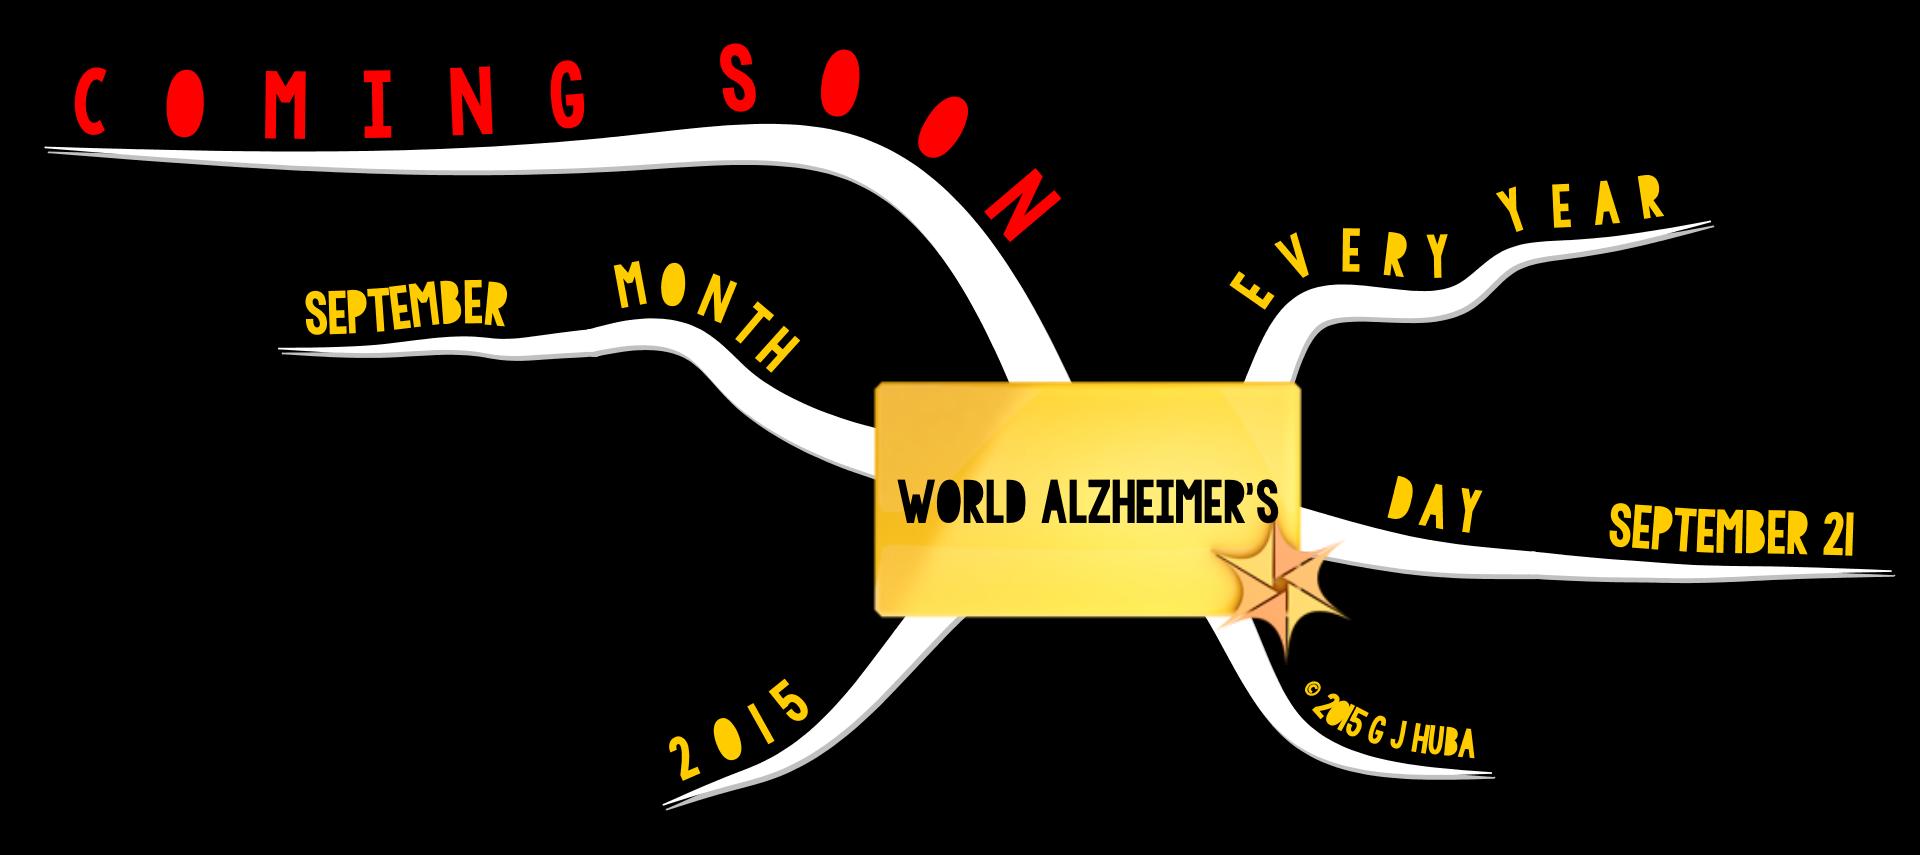 World Alzheimer's SOON